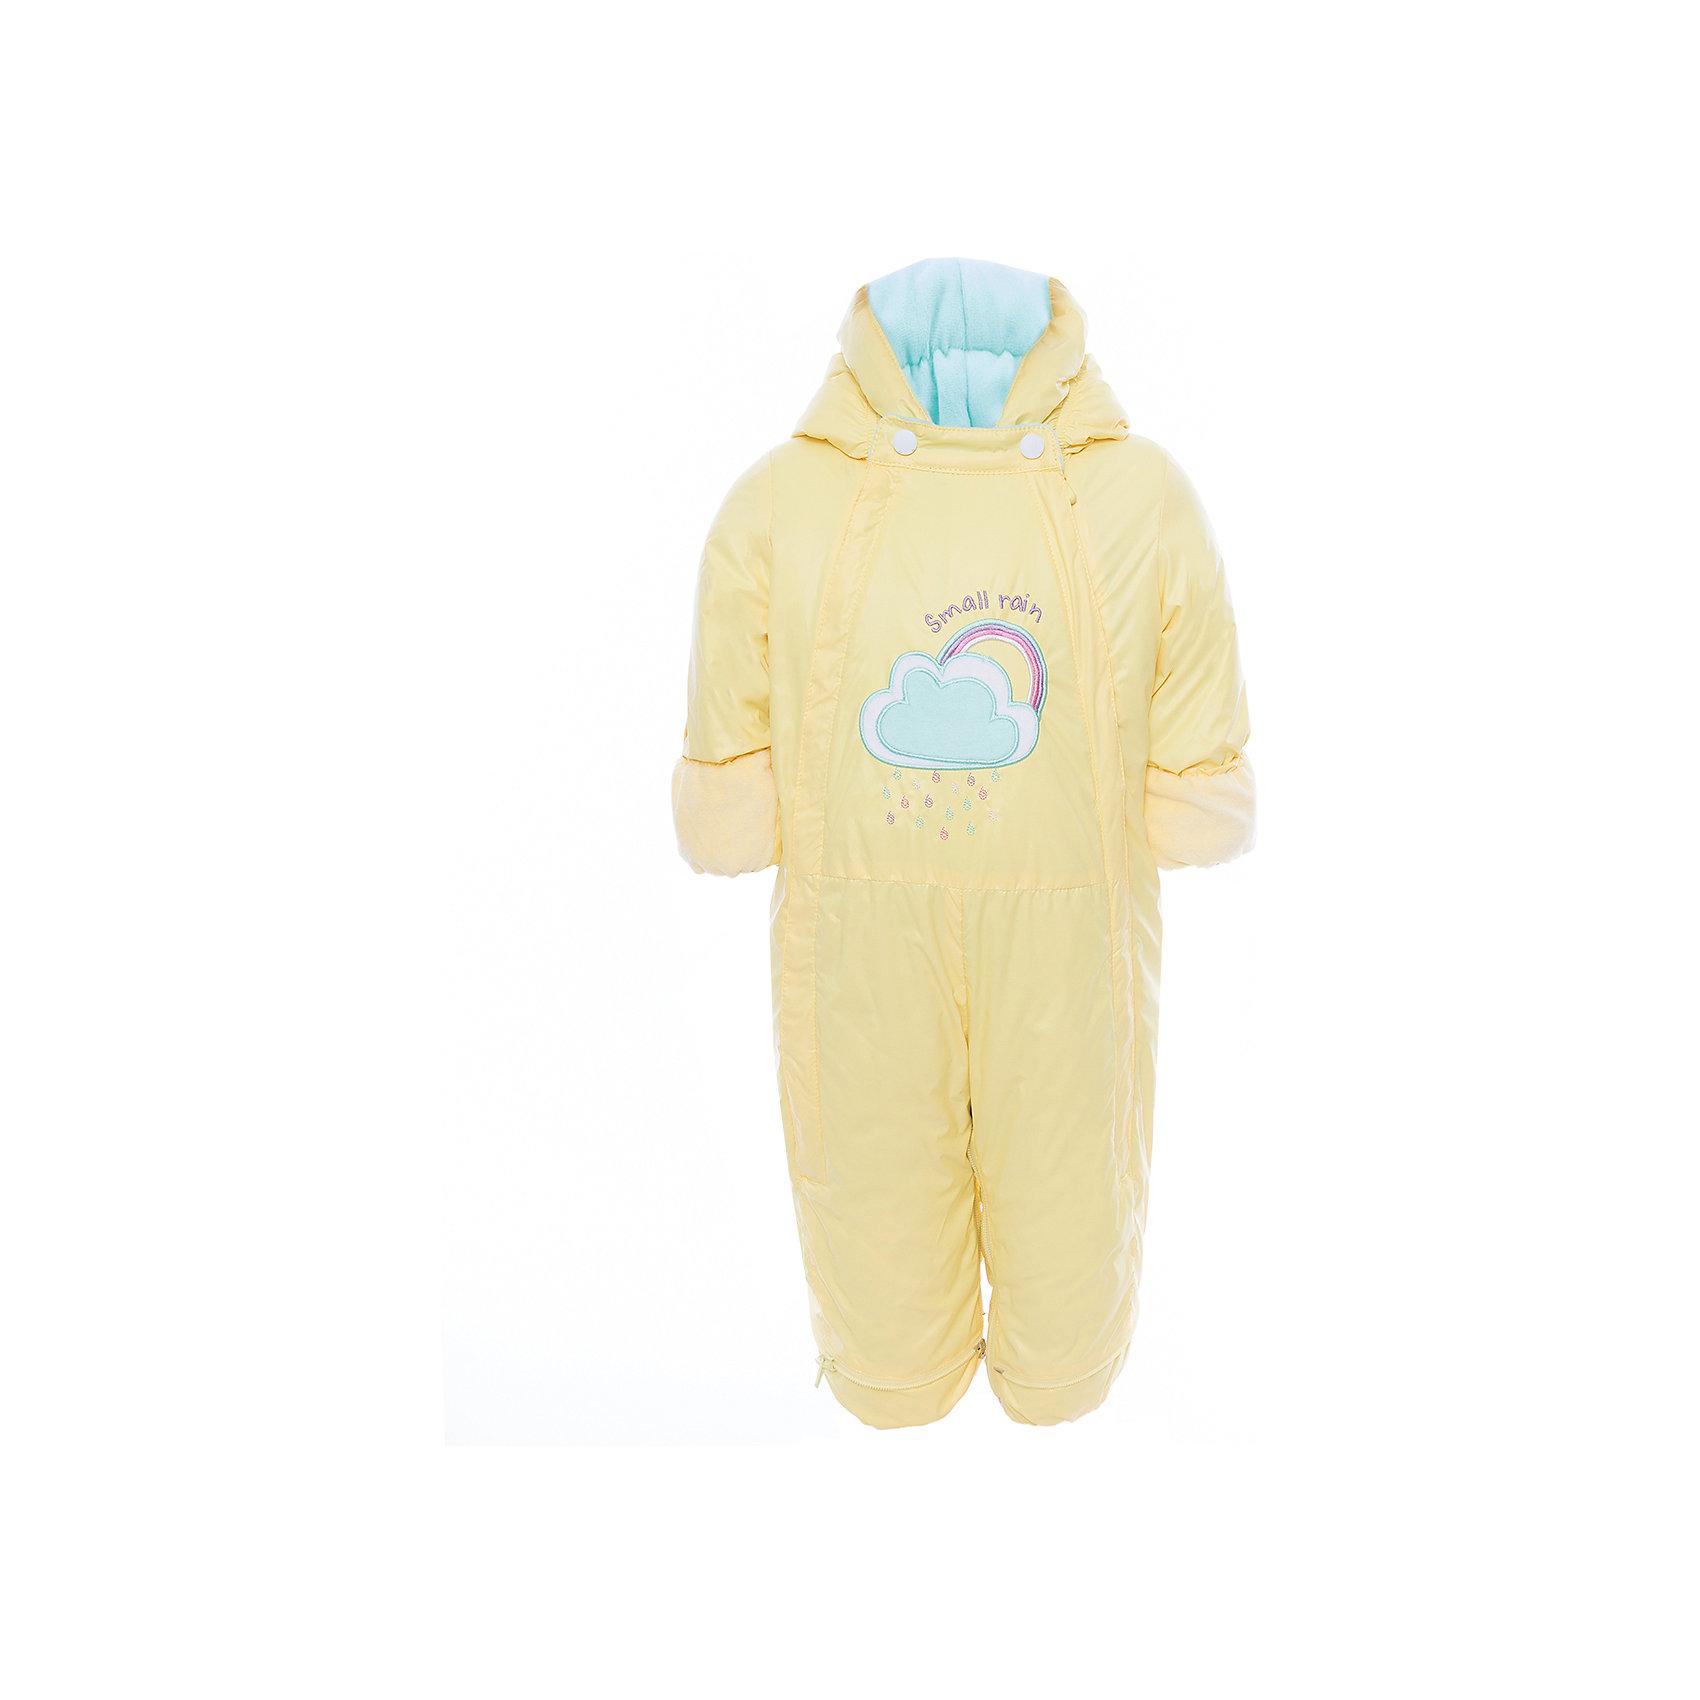 Комбинезон детский BOOM by OrbyВерхняя одежда<br>Характеристики товара:<br><br>• цвет: желтый<br>• состав: верх - болонь, подкладка - поликоттон, утеплитель: эко-синтепон 150 г/м2<br>• температурный режим: от -5 С° до +10 С° <br>• капюшон<br>• застежка - молния<br>• планка от ветра<br>• отделка велюром<br>• декорирован вышивкой<br>• комфортная посадка<br>• страна производства: Российская Федерация<br>• страна бренда: Российская Федерация<br>• коллекция: весна-лето 2017<br><br>Одежда для самых маленьких должна быть особо комфортной! Такой комбинезон - отличный вариант для межсезонья с постоянно меняющейся погодой. Эта модель - модная и удобная одновременно! Изделие отличается стильным ярким дизайном. Комбинезон дополнен мягкой подкладкой. Вещь была разработана специально для малышей.<br><br>Комбинезон детский от бренда BOOM by Orby можно купить в нашем интернет-магазине.<br><br>Ширина мм: 356<br>Глубина мм: 10<br>Высота мм: 245<br>Вес г: 519<br>Цвет: желтый<br>Возраст от месяцев: 6<br>Возраст до месяцев: 9<br>Пол: Унисекс<br>Возраст: Детский<br>Размер: 62,68,74<br>SKU: 5342949